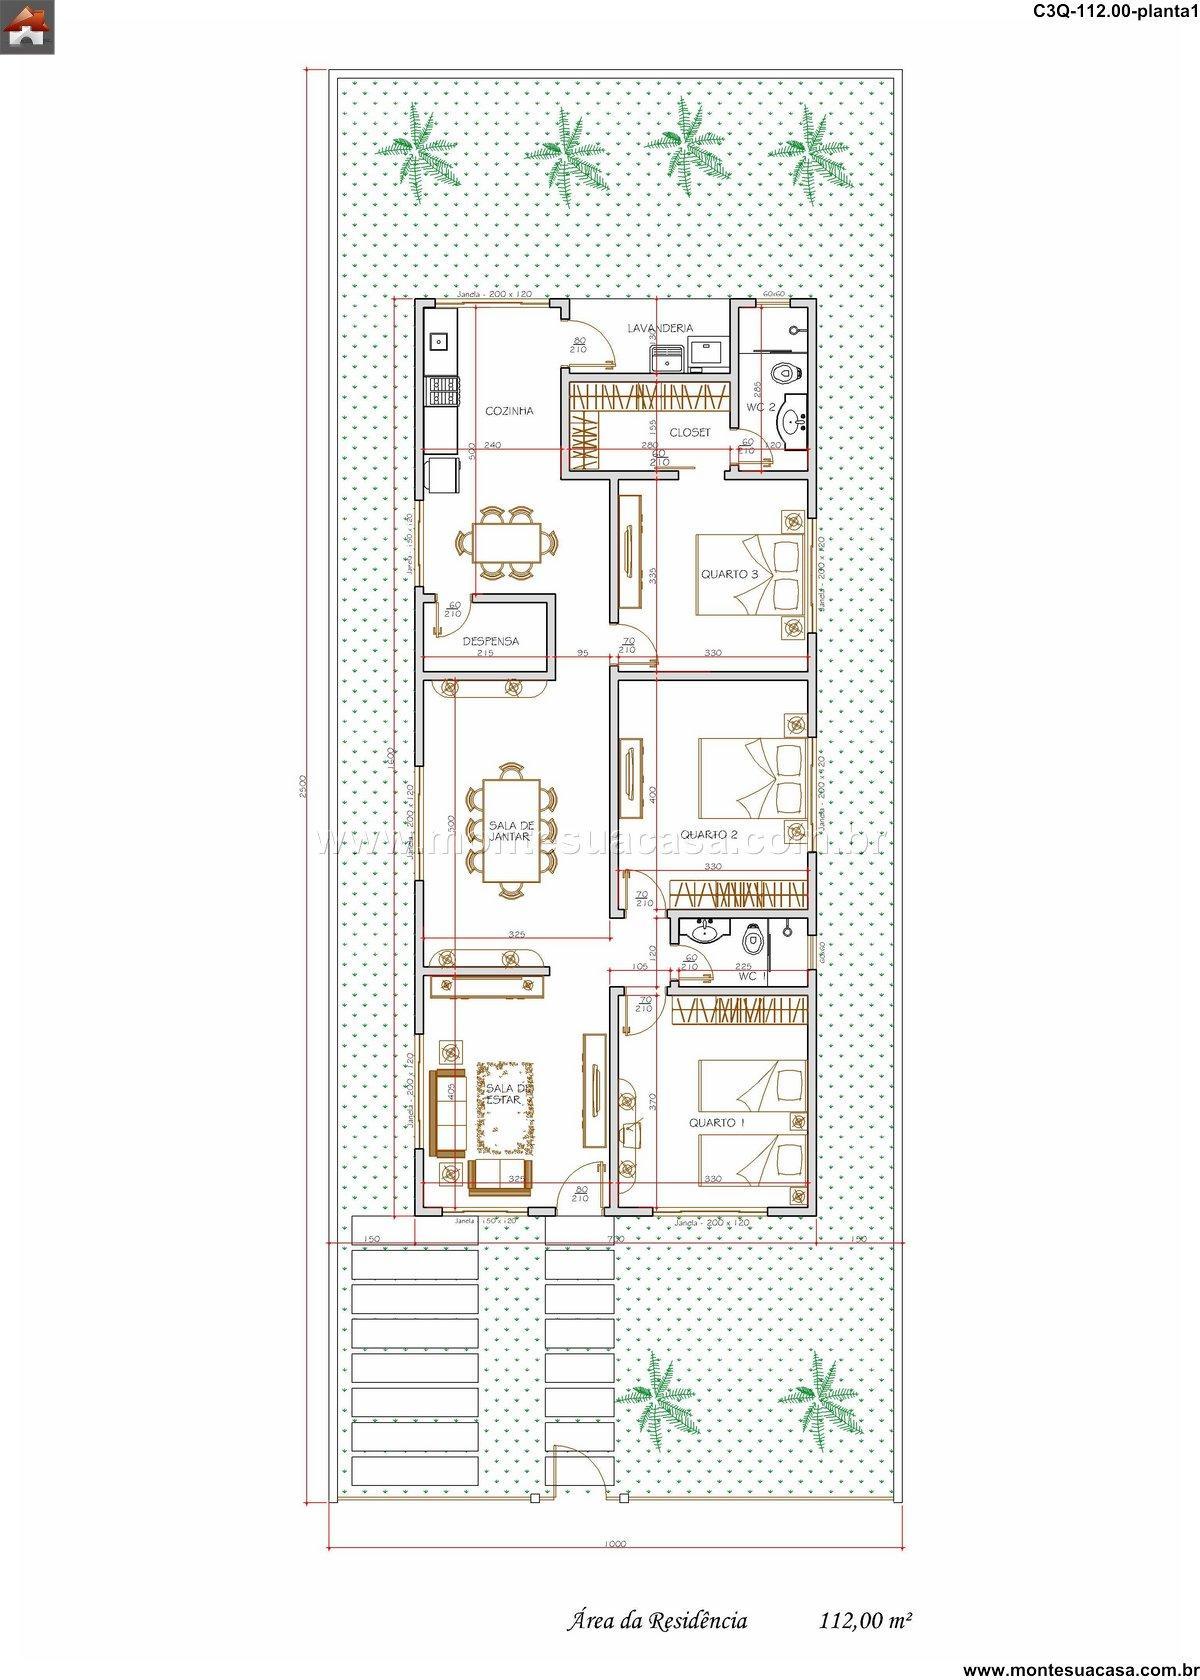 Casa 2 Quartos - 112m²